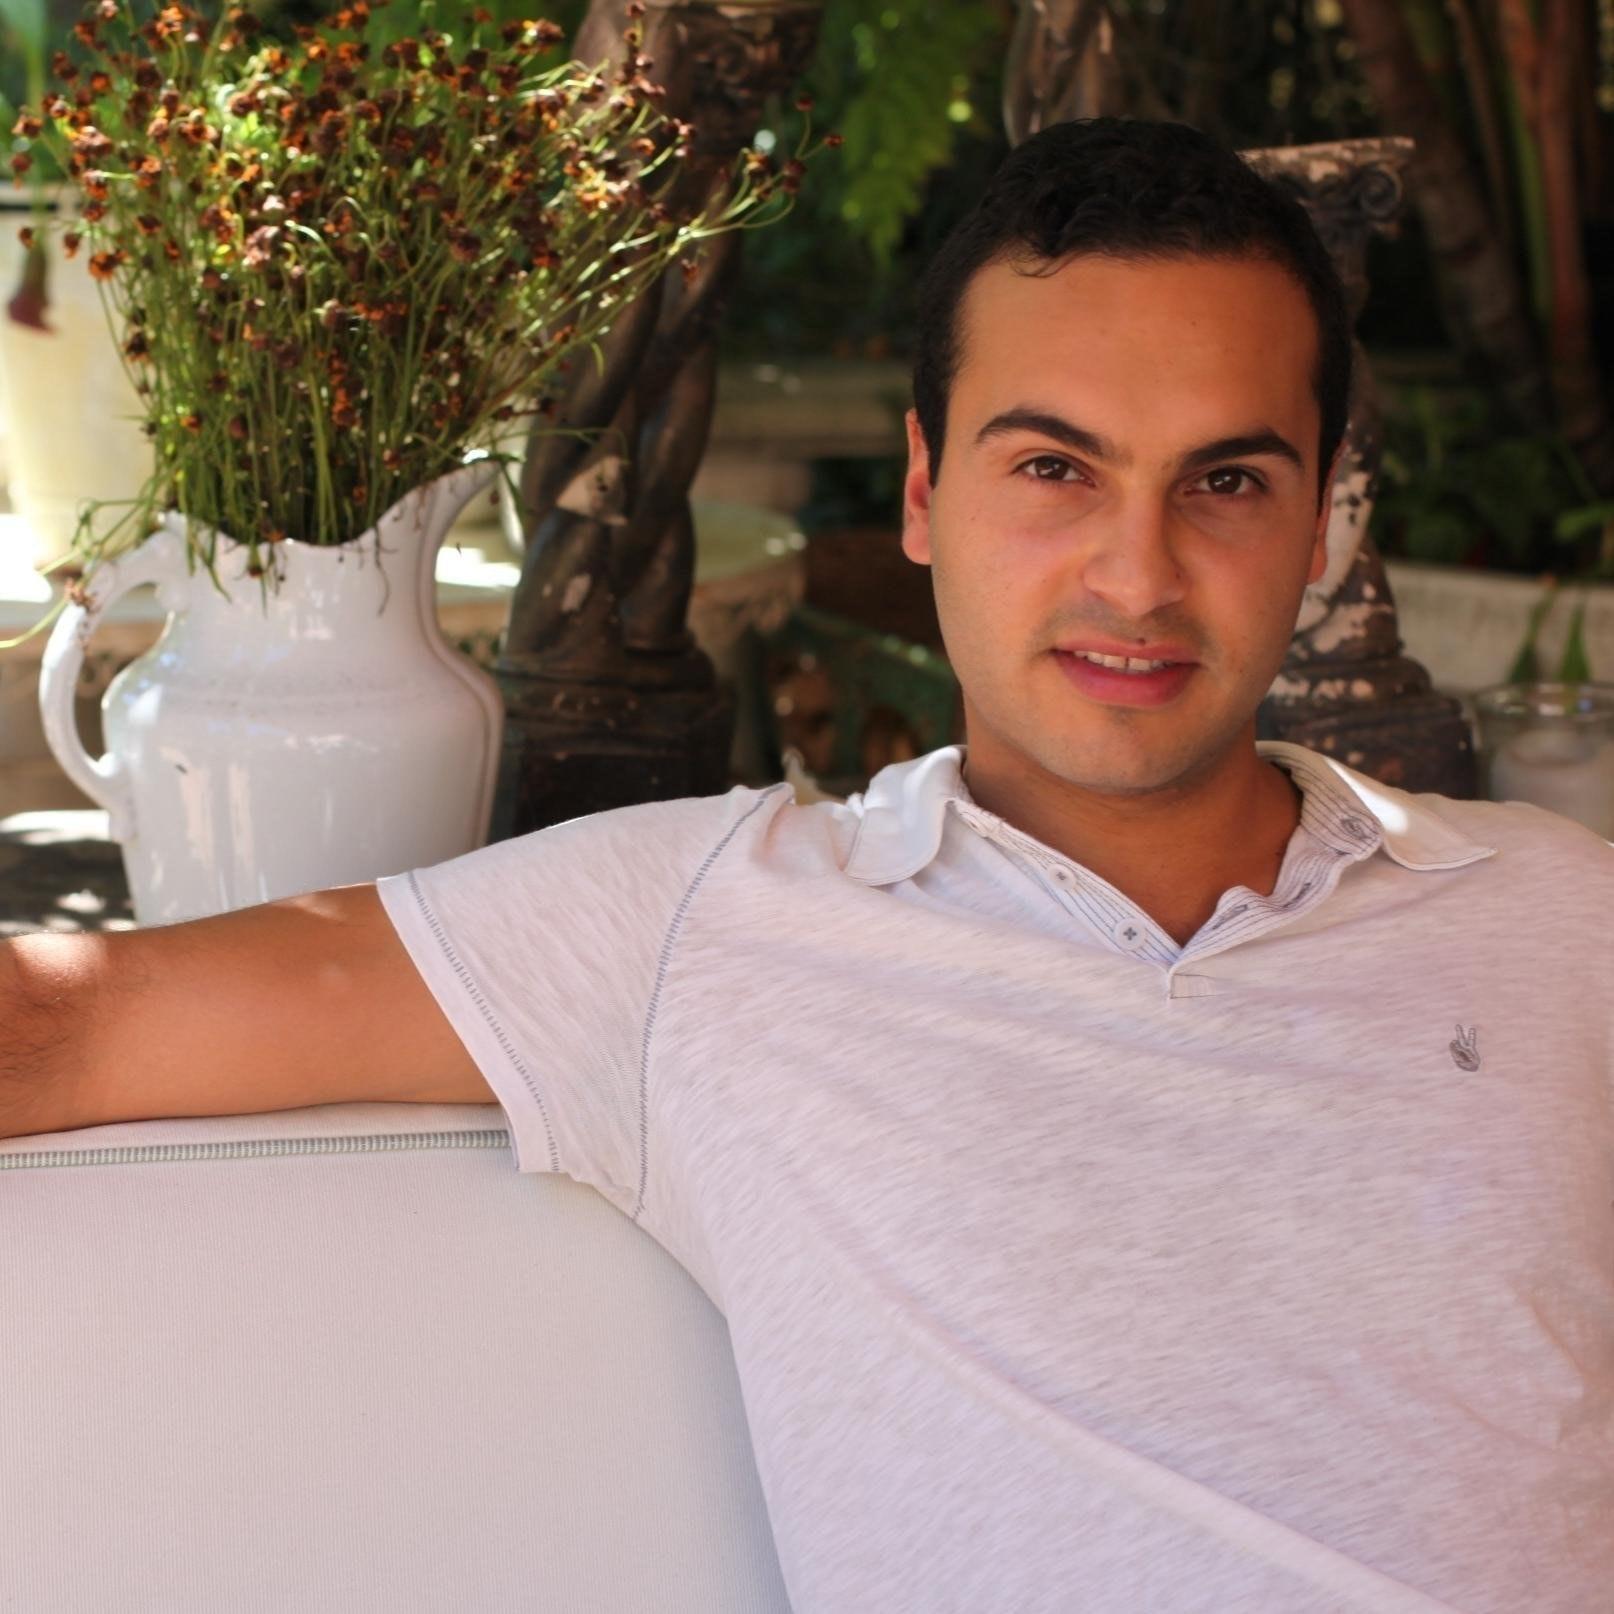 Dustin Pourbaba